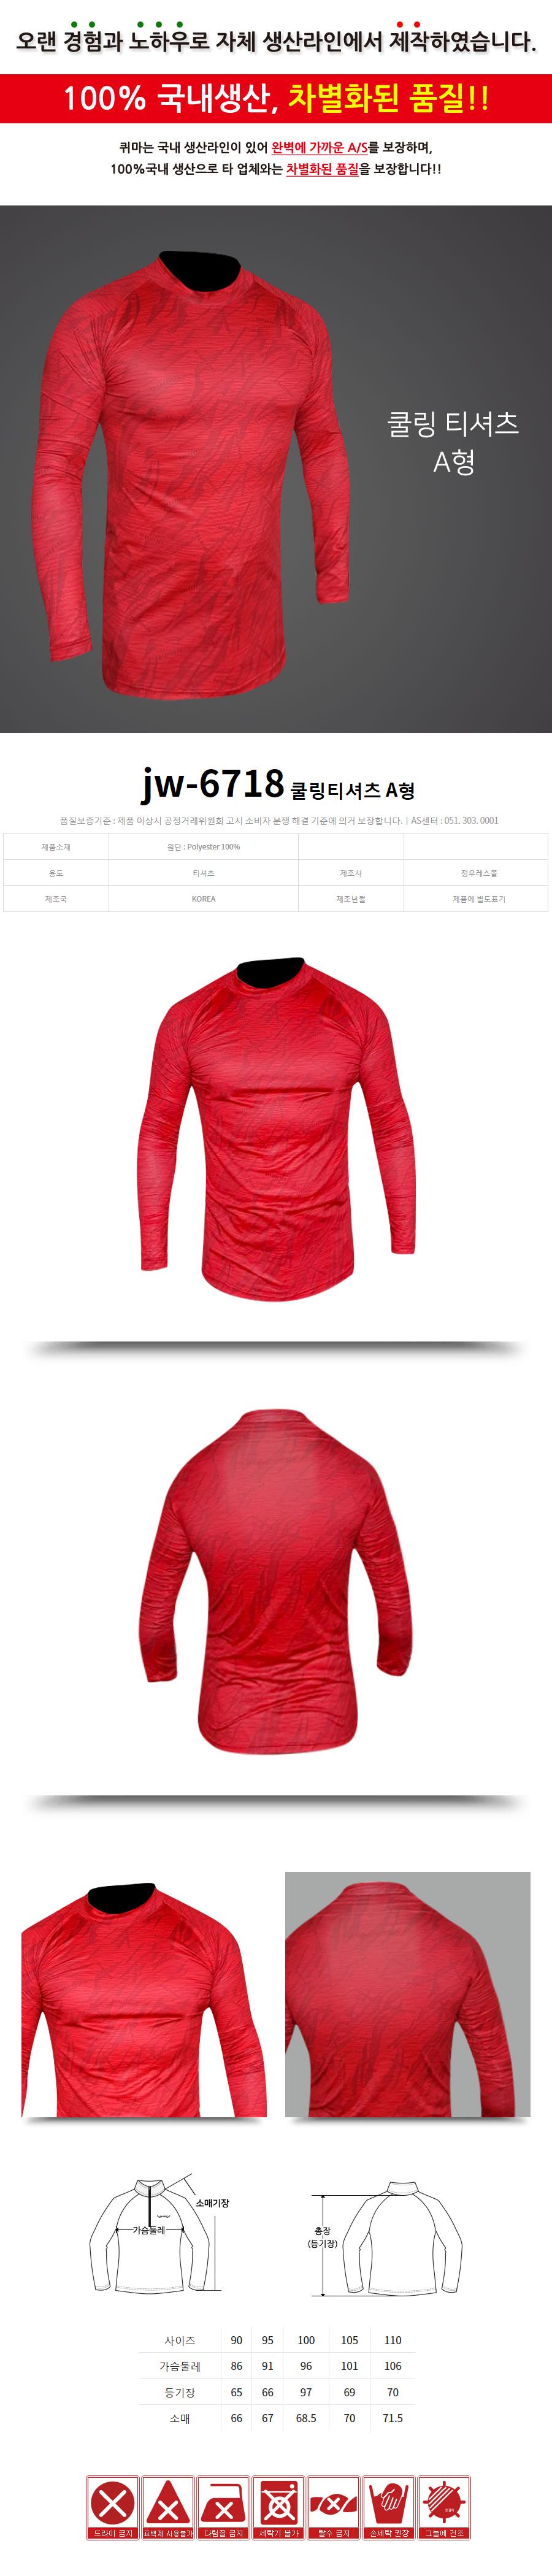 퀴마 쿨링티셔츠 JW-6718 레드 낚시옷 낚시복 낚시남방 남방 낚시티셔츠 상의 하의 낚시바지 피싱복 필드복 티 t셔츠